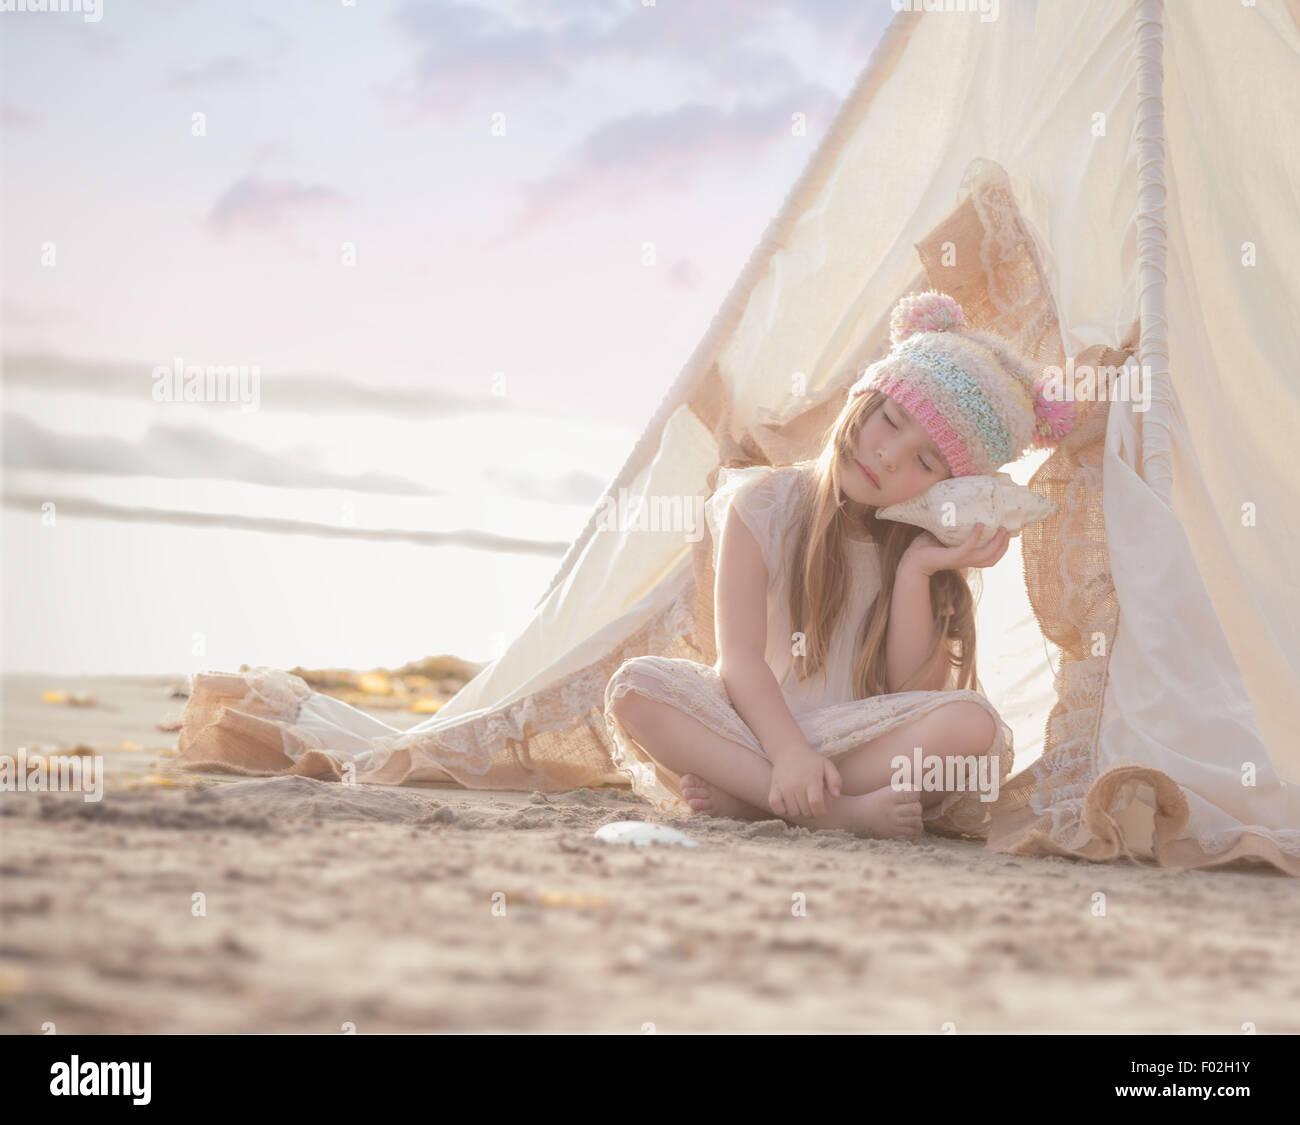 Ragazza seduta in un wigwam sulla spiaggia ascoltando una conchiglia Immagini Stock